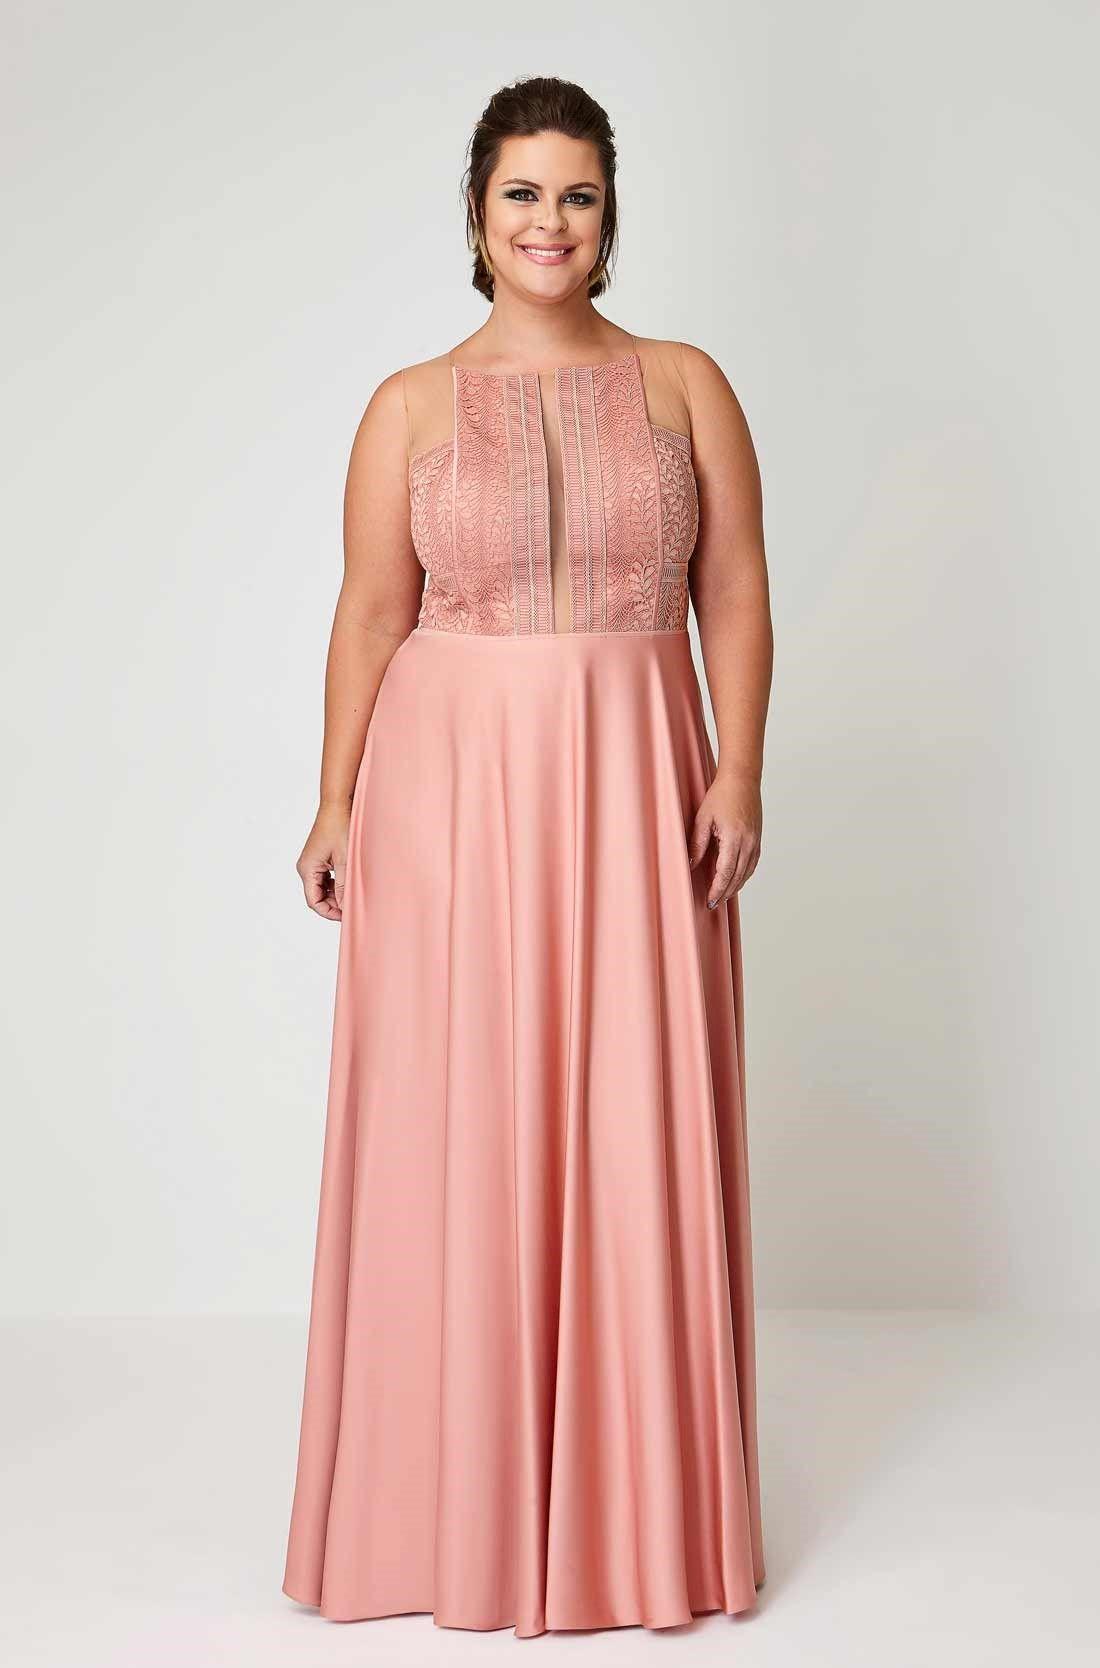 Vestido Longo Plus Size em Renda | Vestidos, Belos vestidos